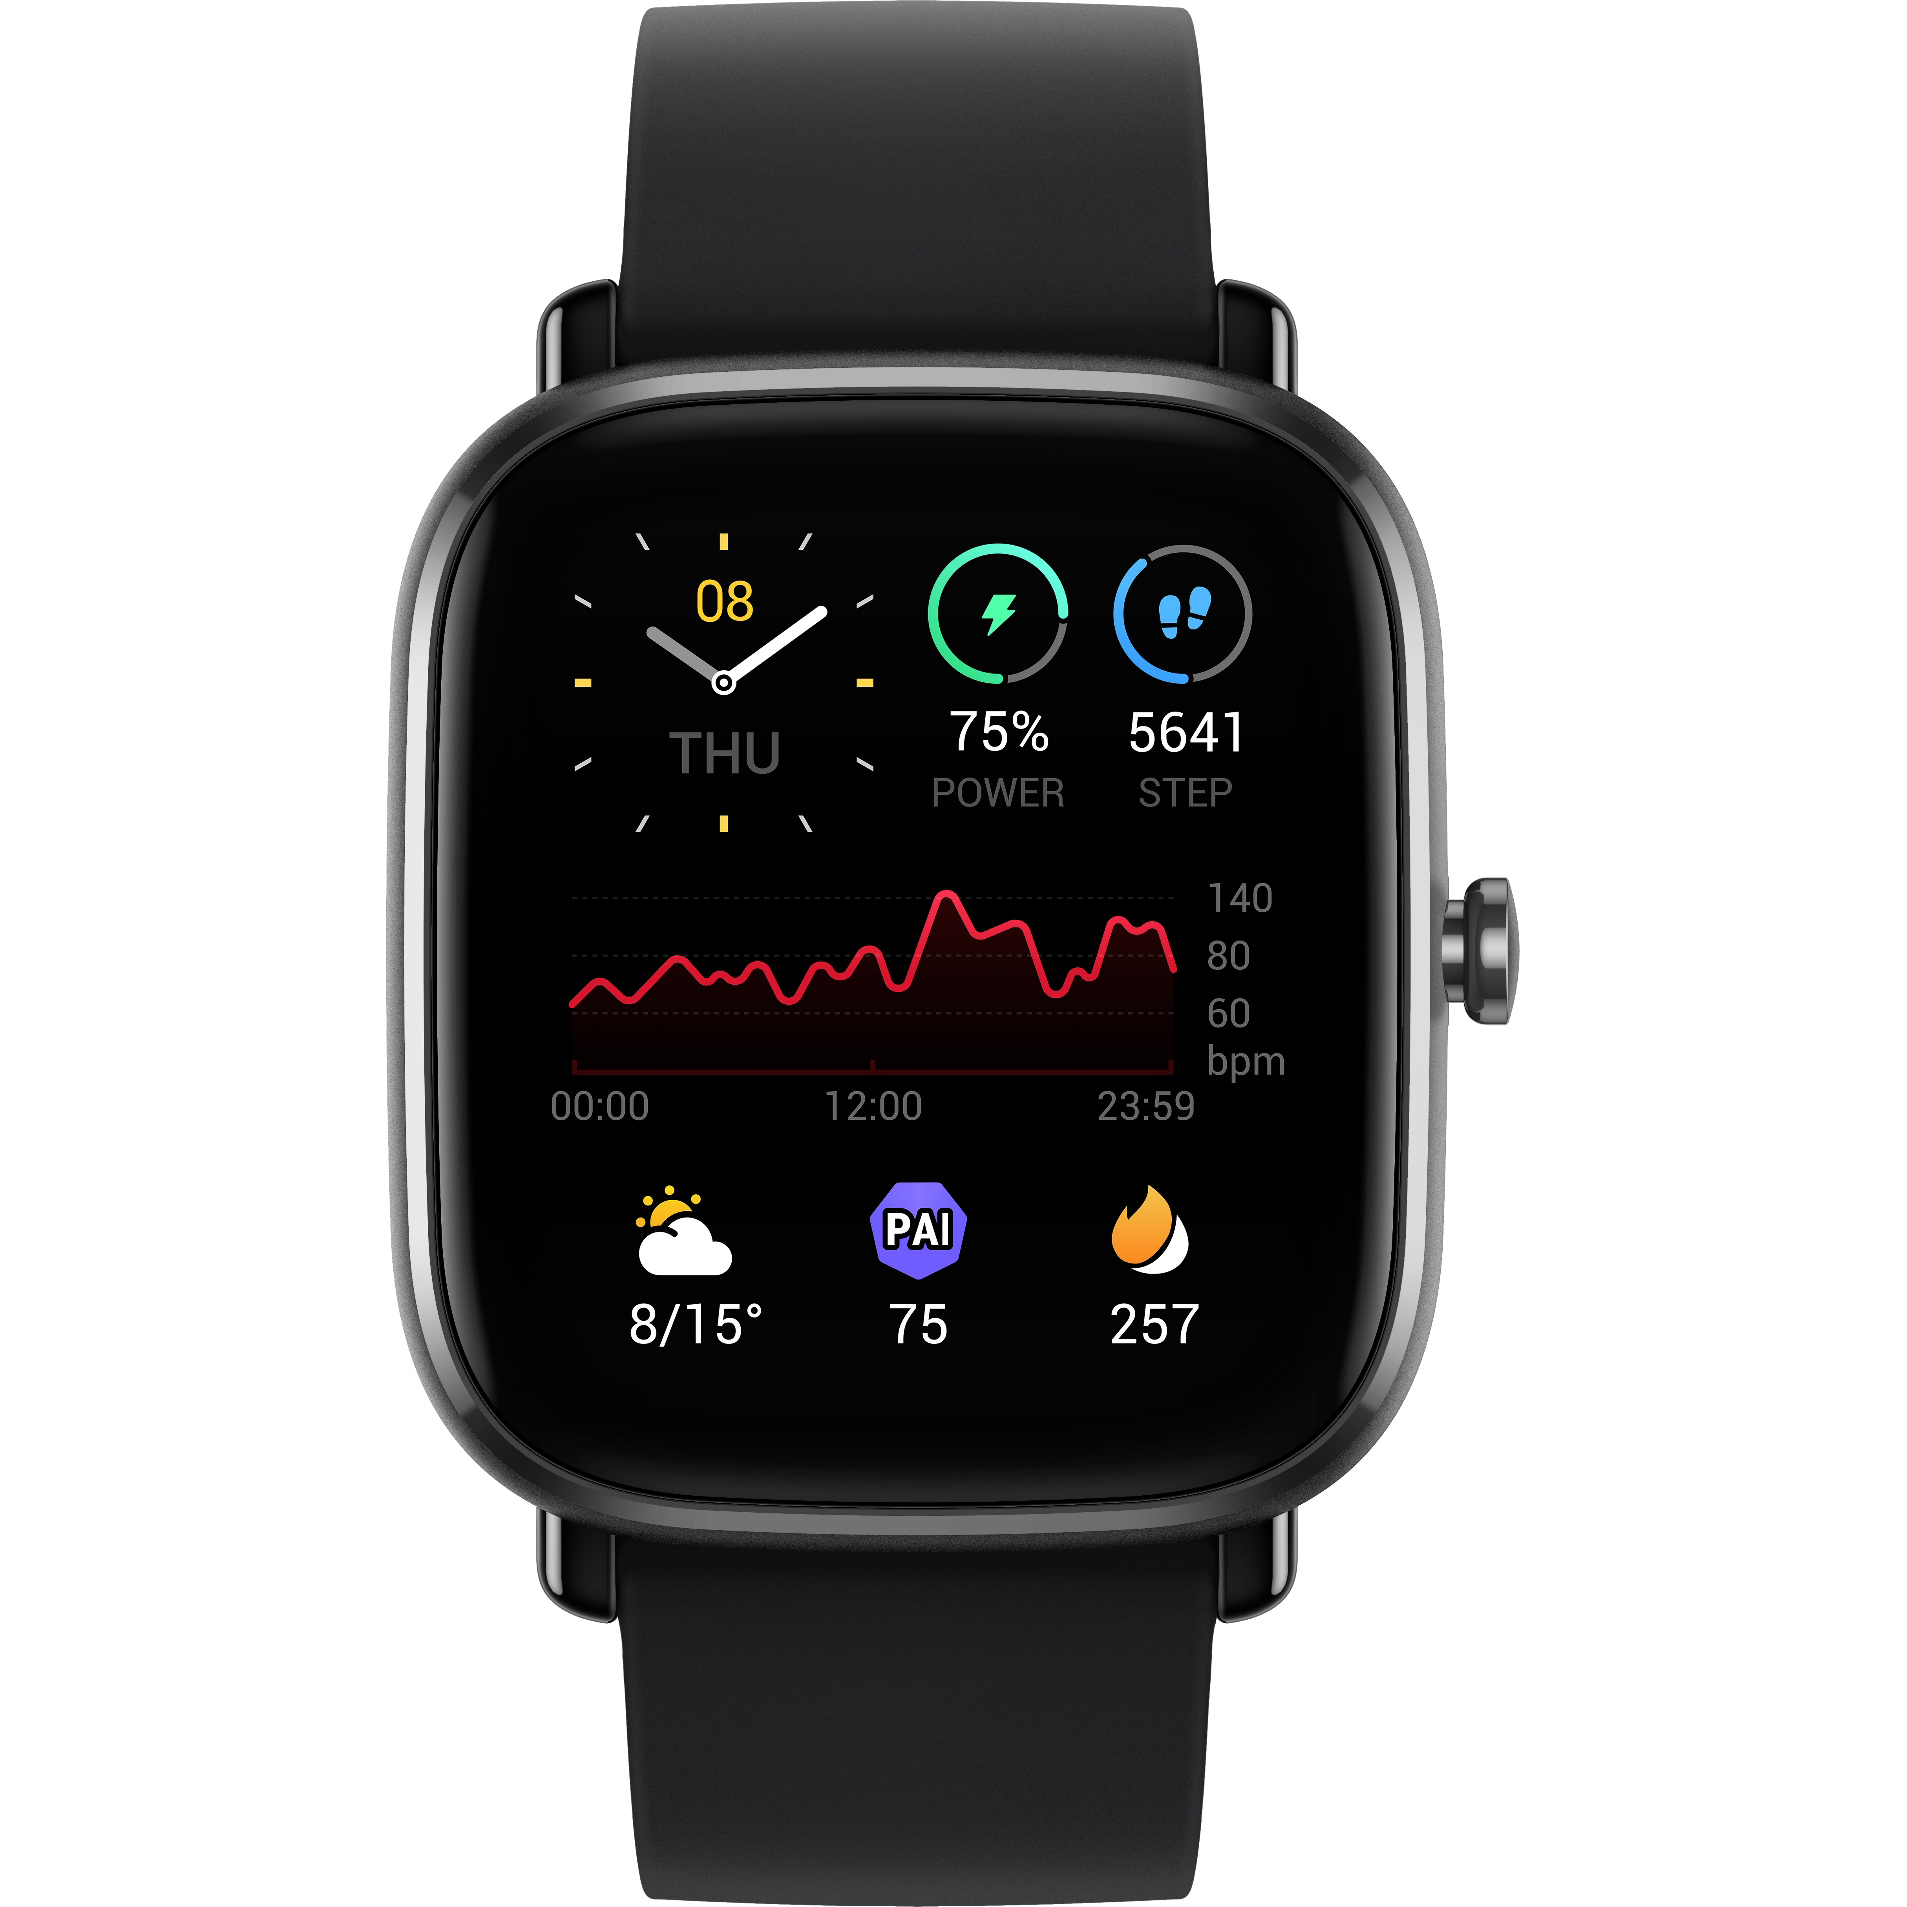 Фото - Смарт-часы Amazfit GTS 2 mini A2018 Black часы amazfit stratos smart sports watch 2 a1619 черный